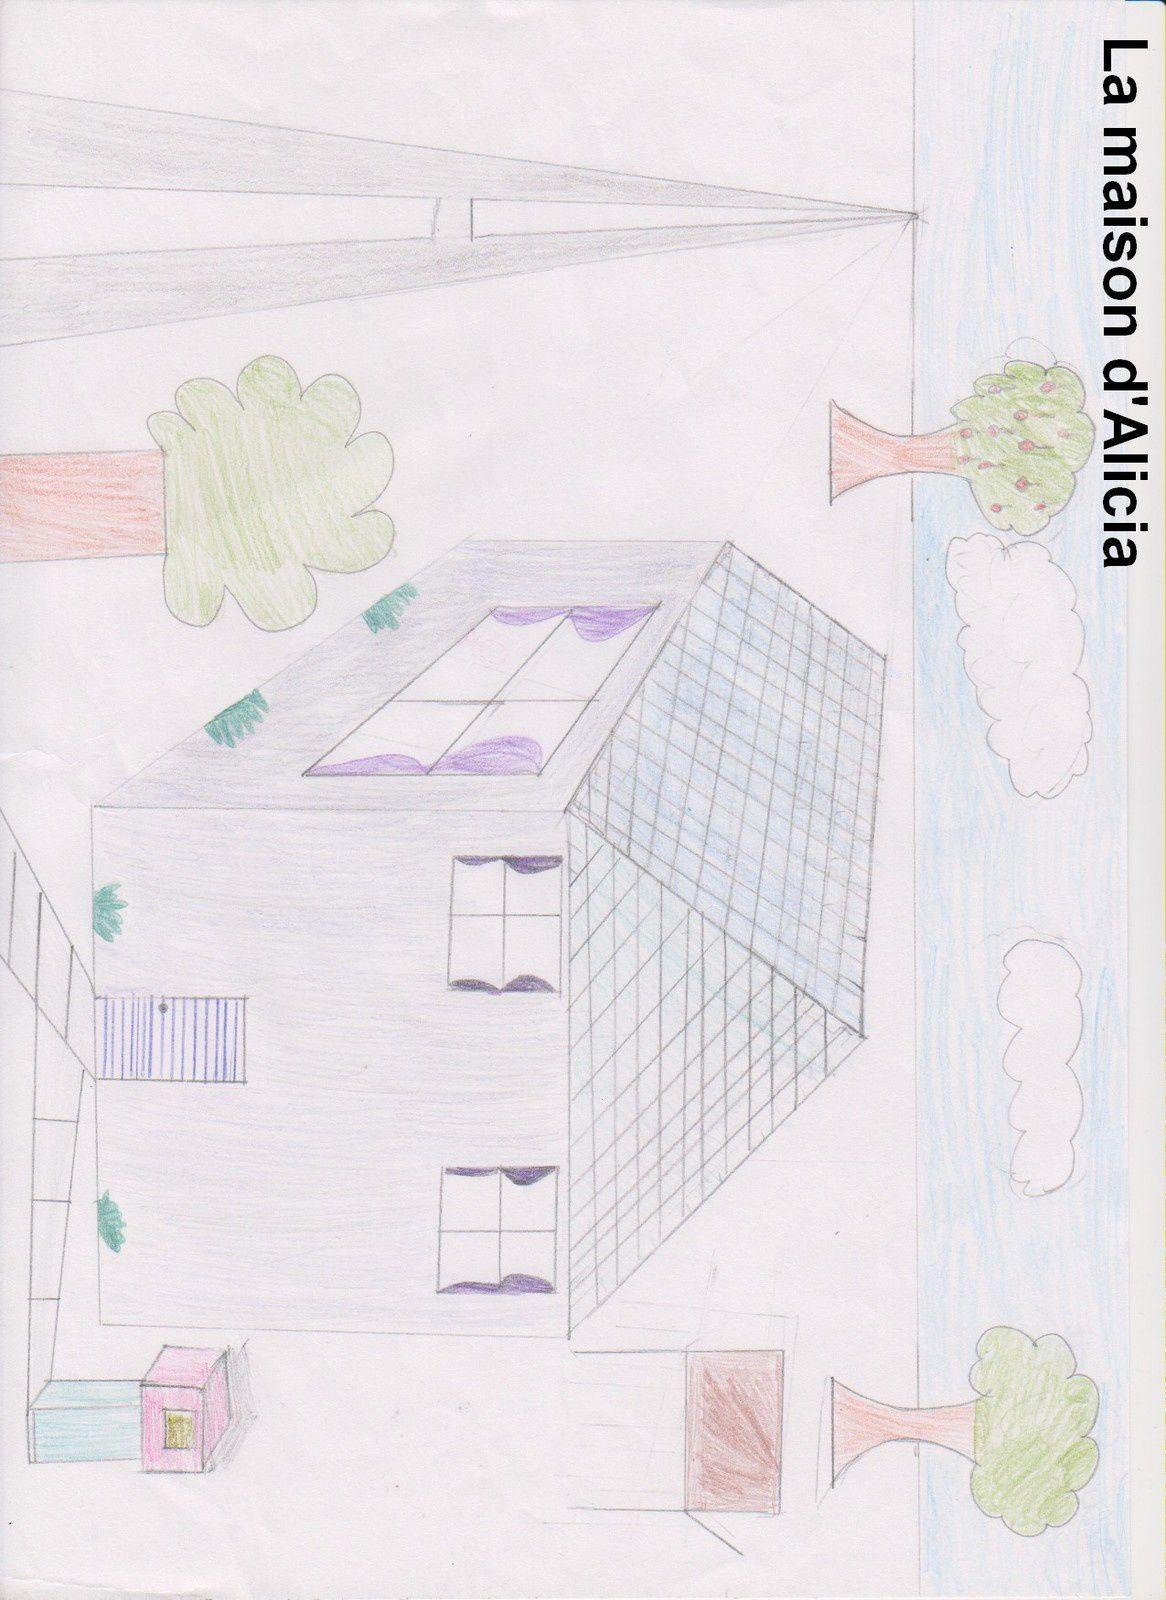 Des maisons en perspective